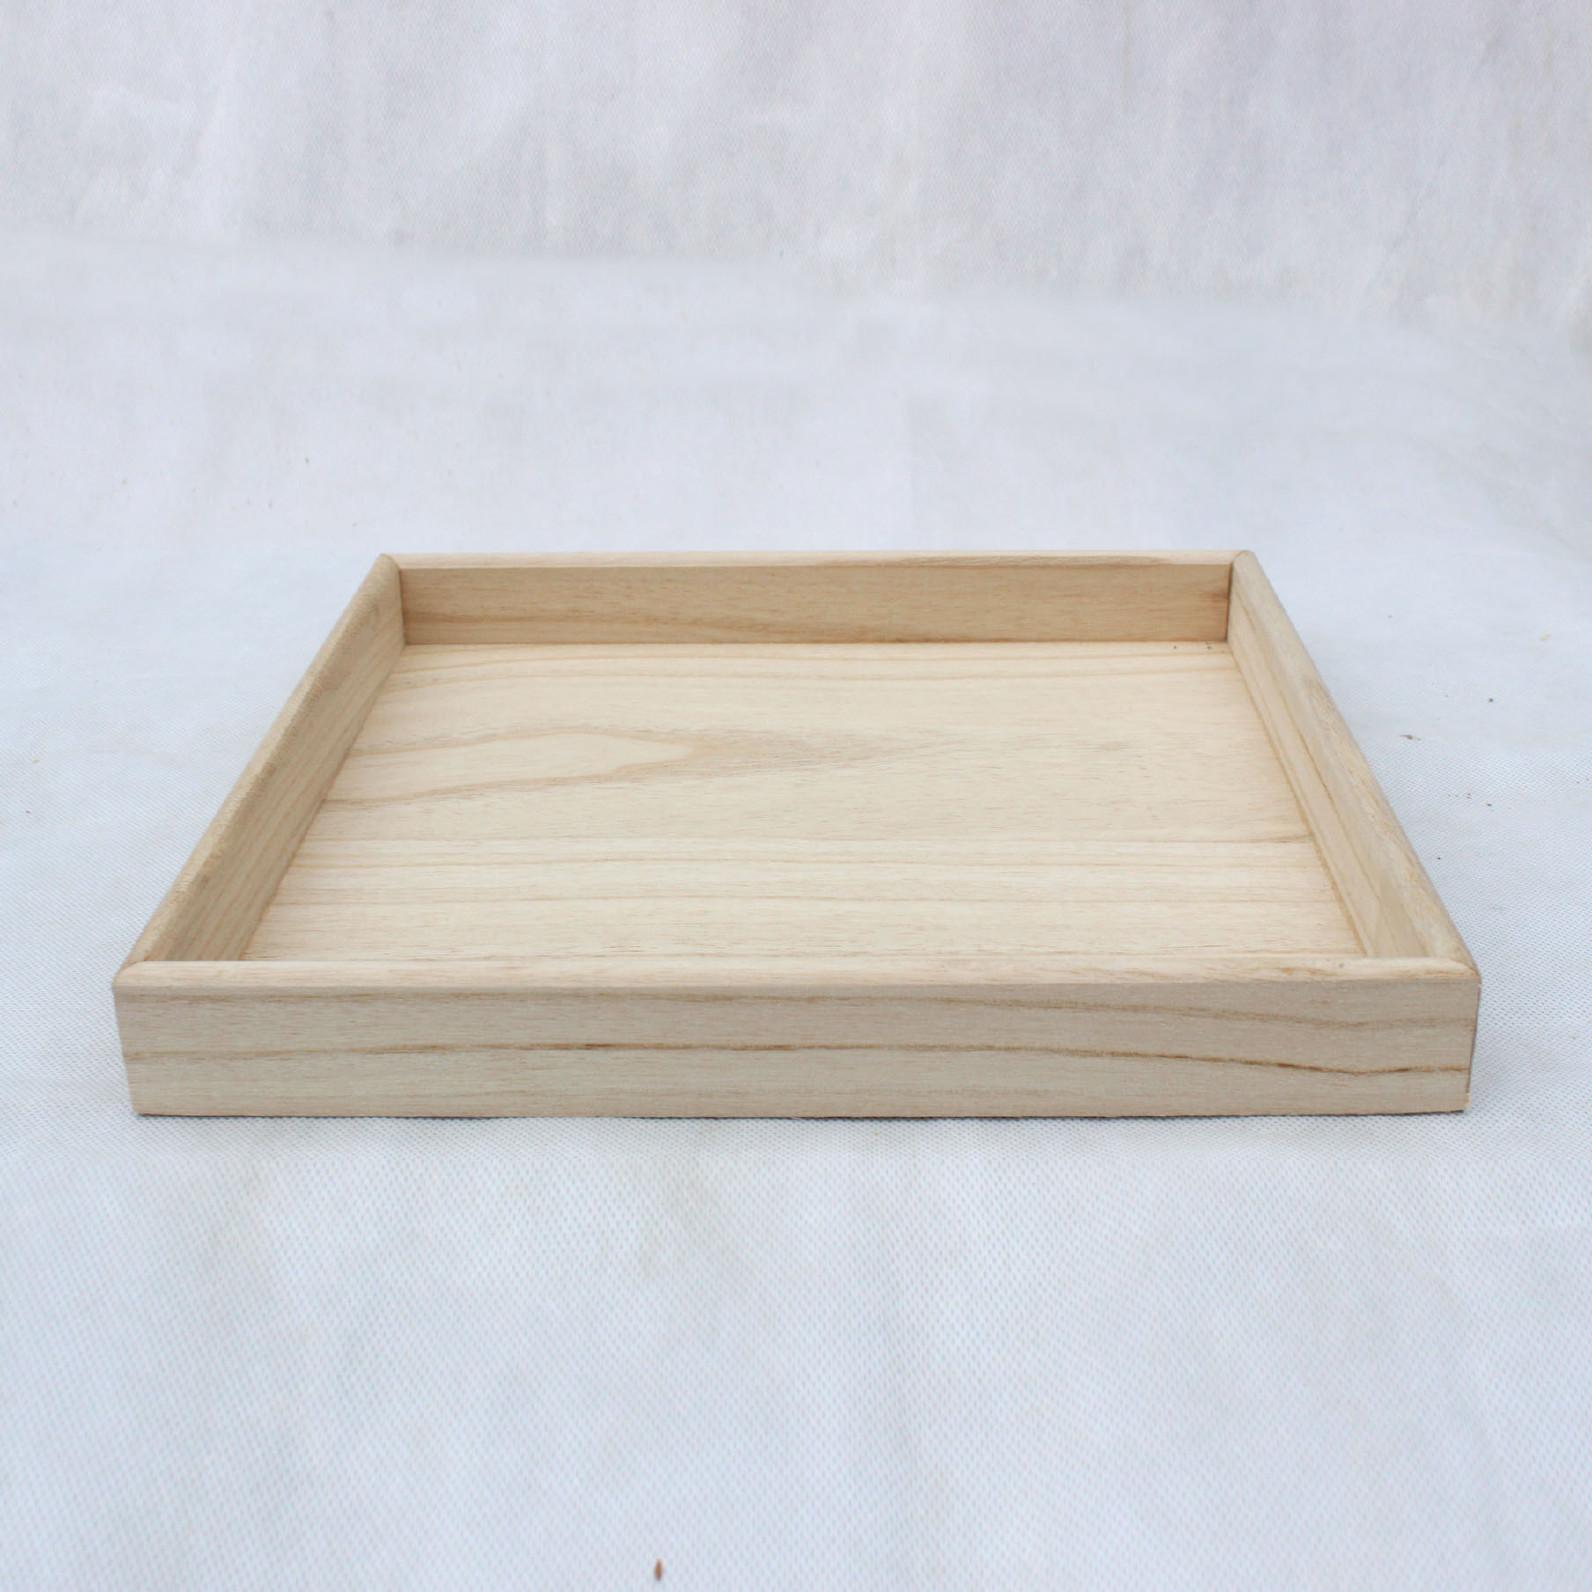 欧式实木水果盘托盘 日用品木质平盘家居餐盘厂家直销